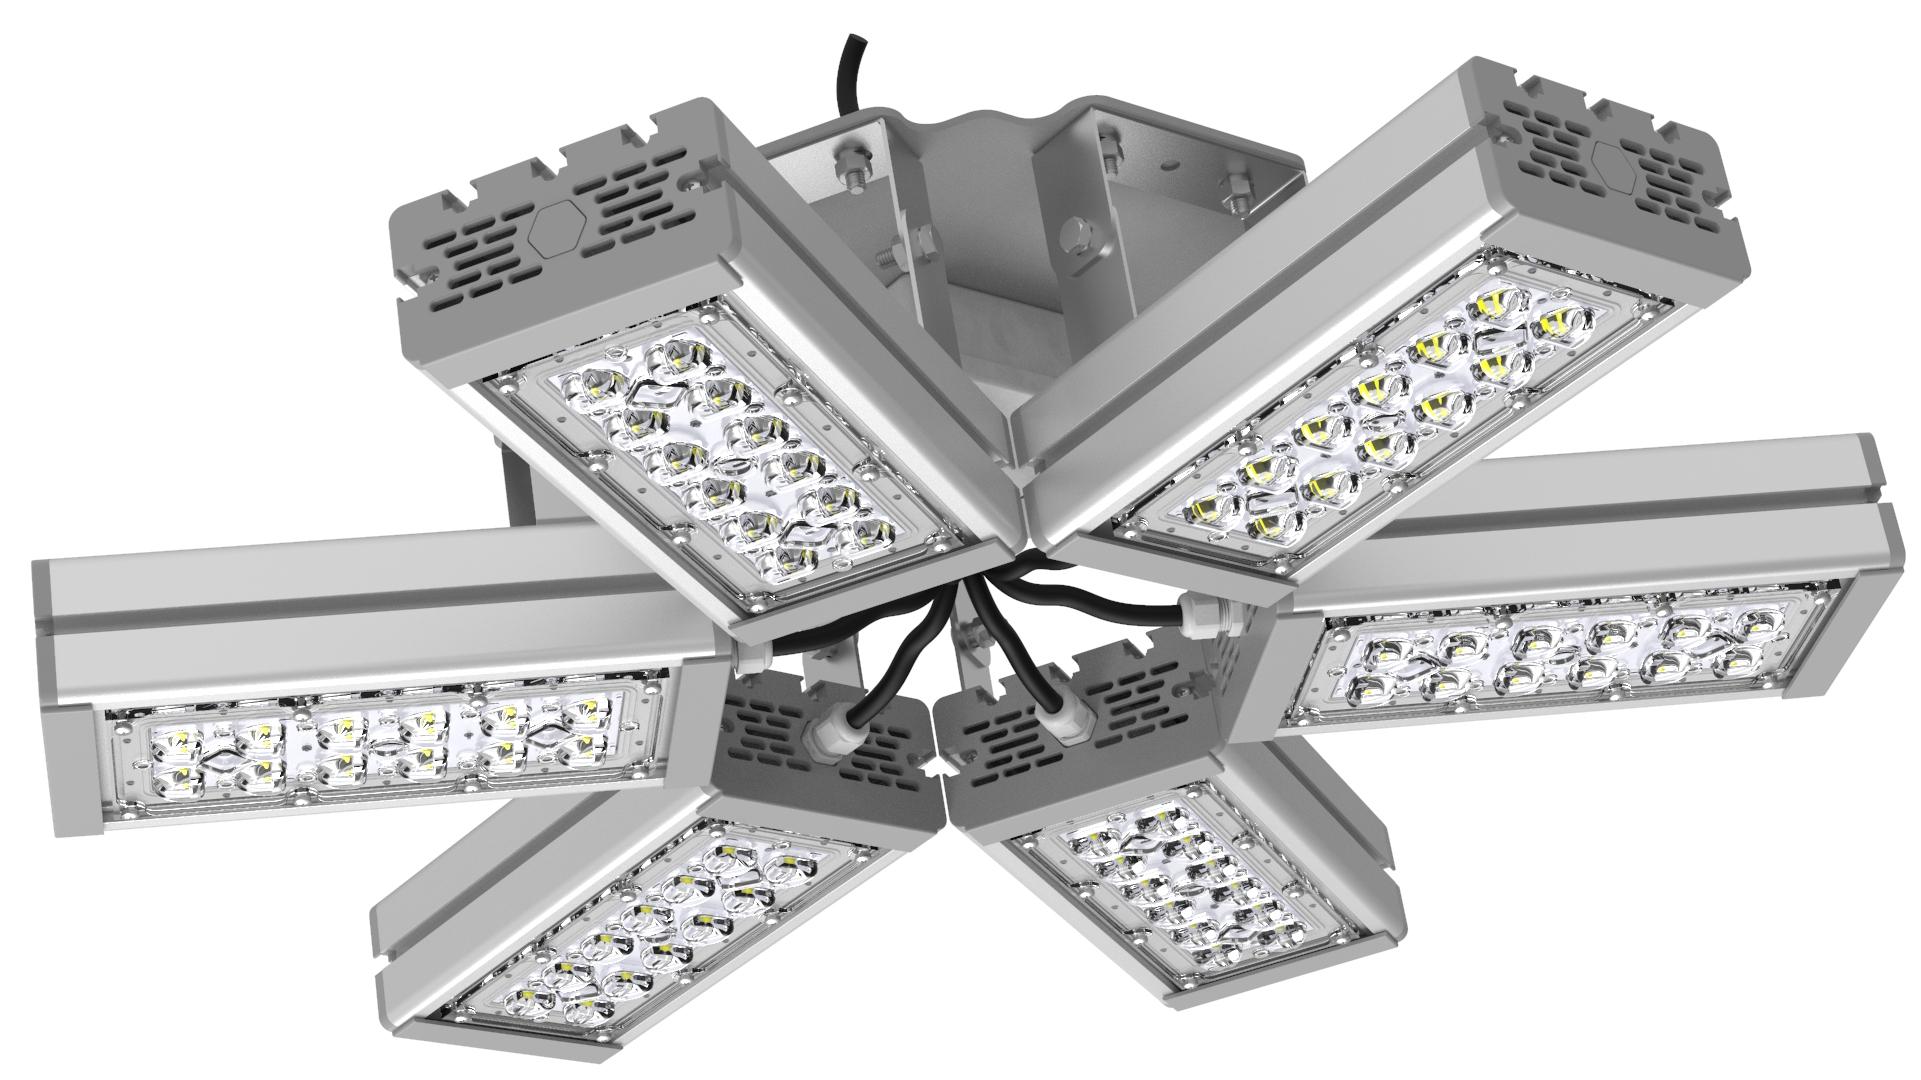 Светильник подвесной Ромашка High-Bay SVT-P-FLOWER-162Вт-27 (с защитой от 380В, трос)